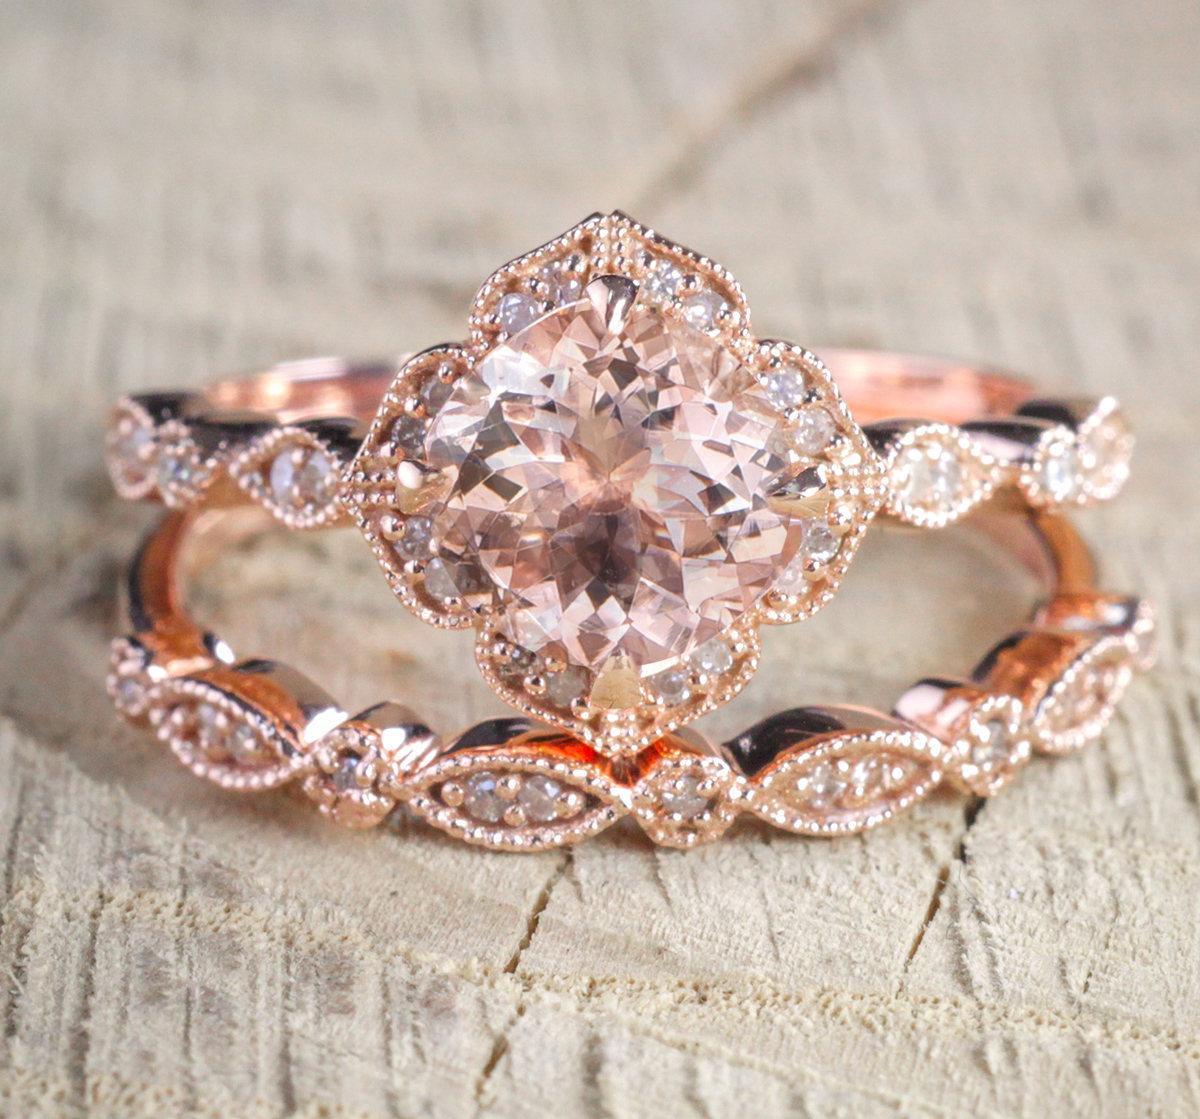 Europeo quadrato Zircone Set anelli placcato oro rosa colore elegante fascino di fidanzamento anello di fidanzamento gioielli per le donne anel feminino